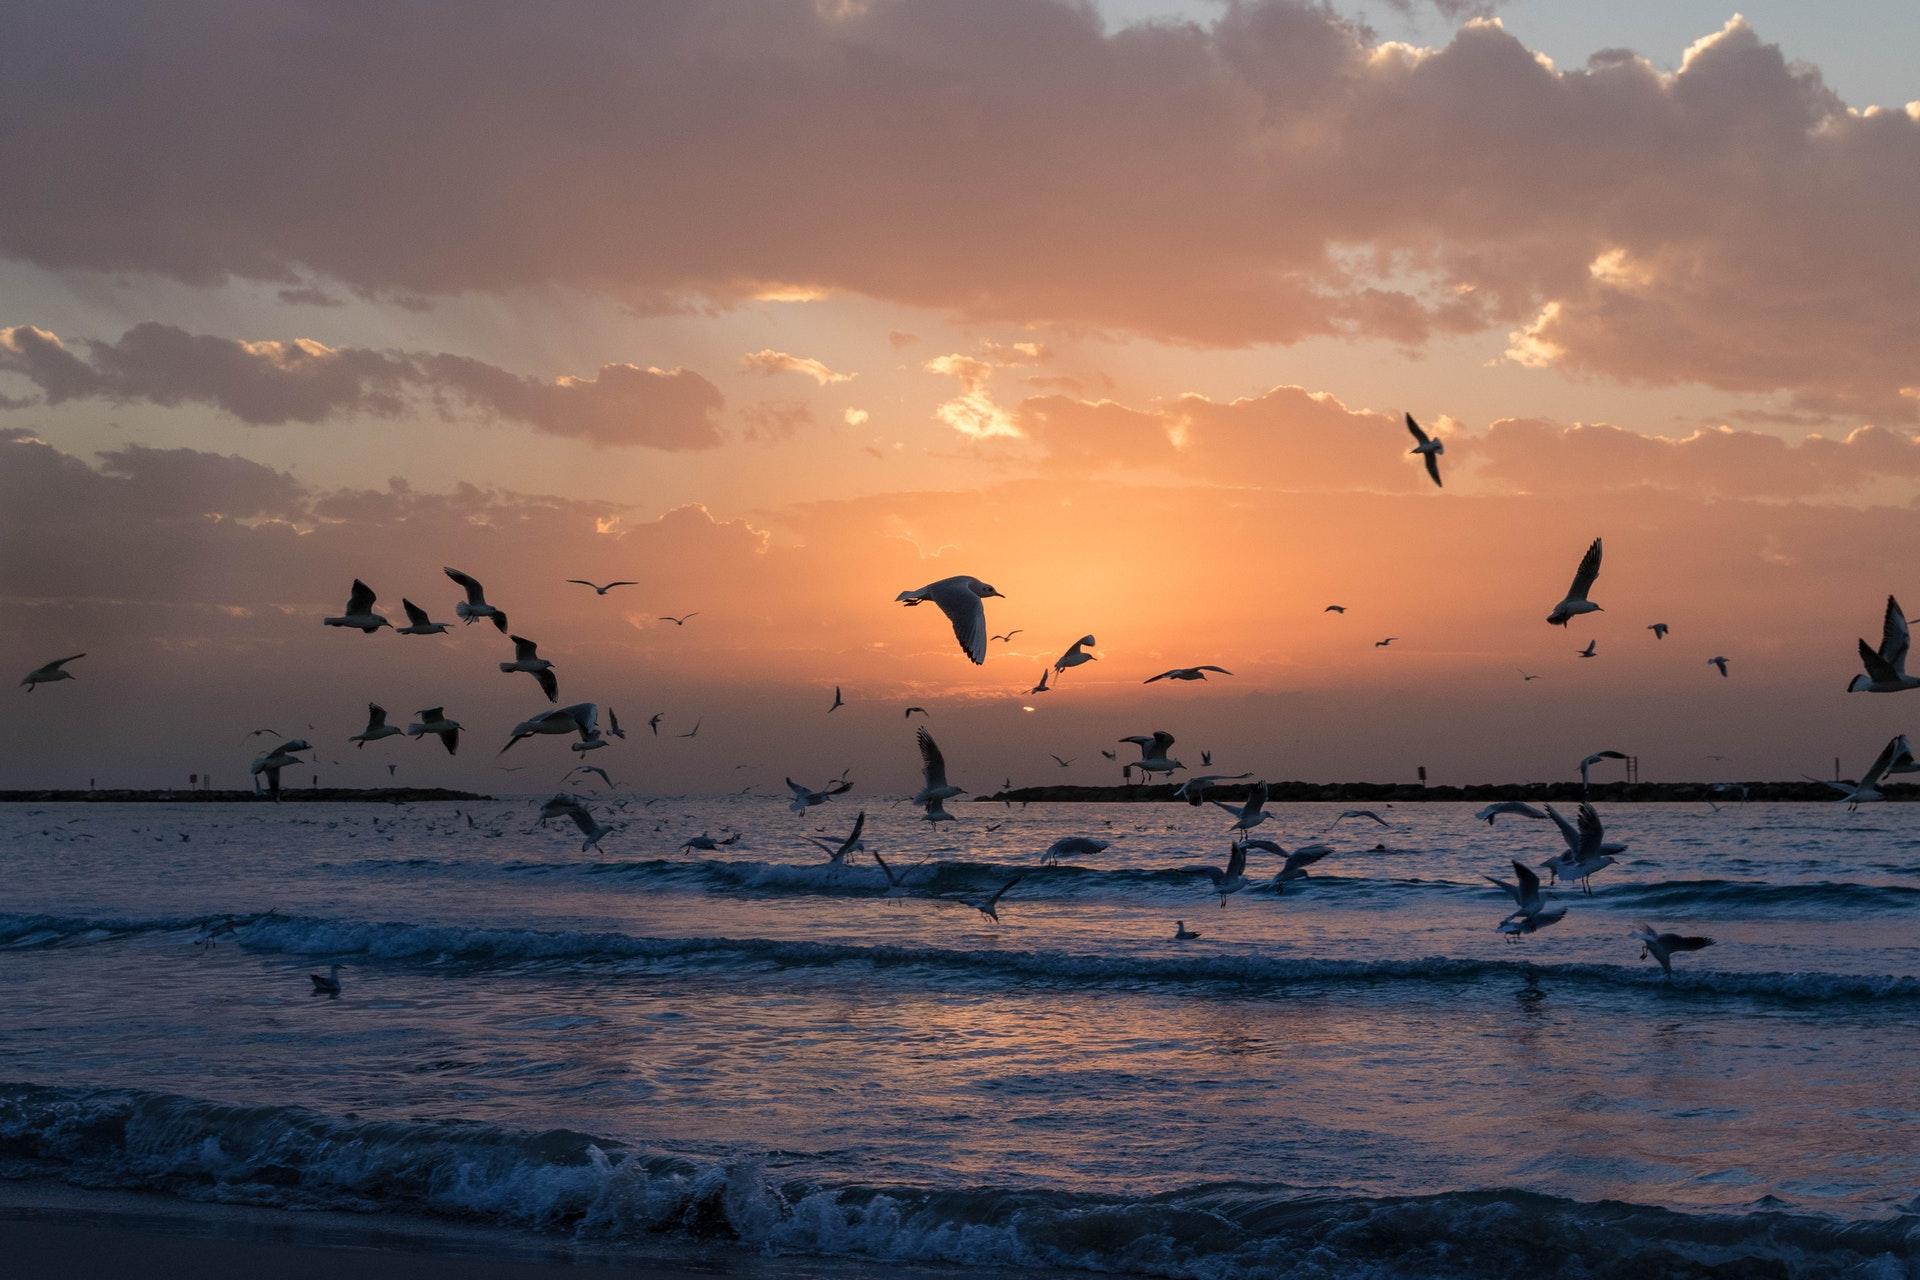 beach-birds-clouds-784849.jpg